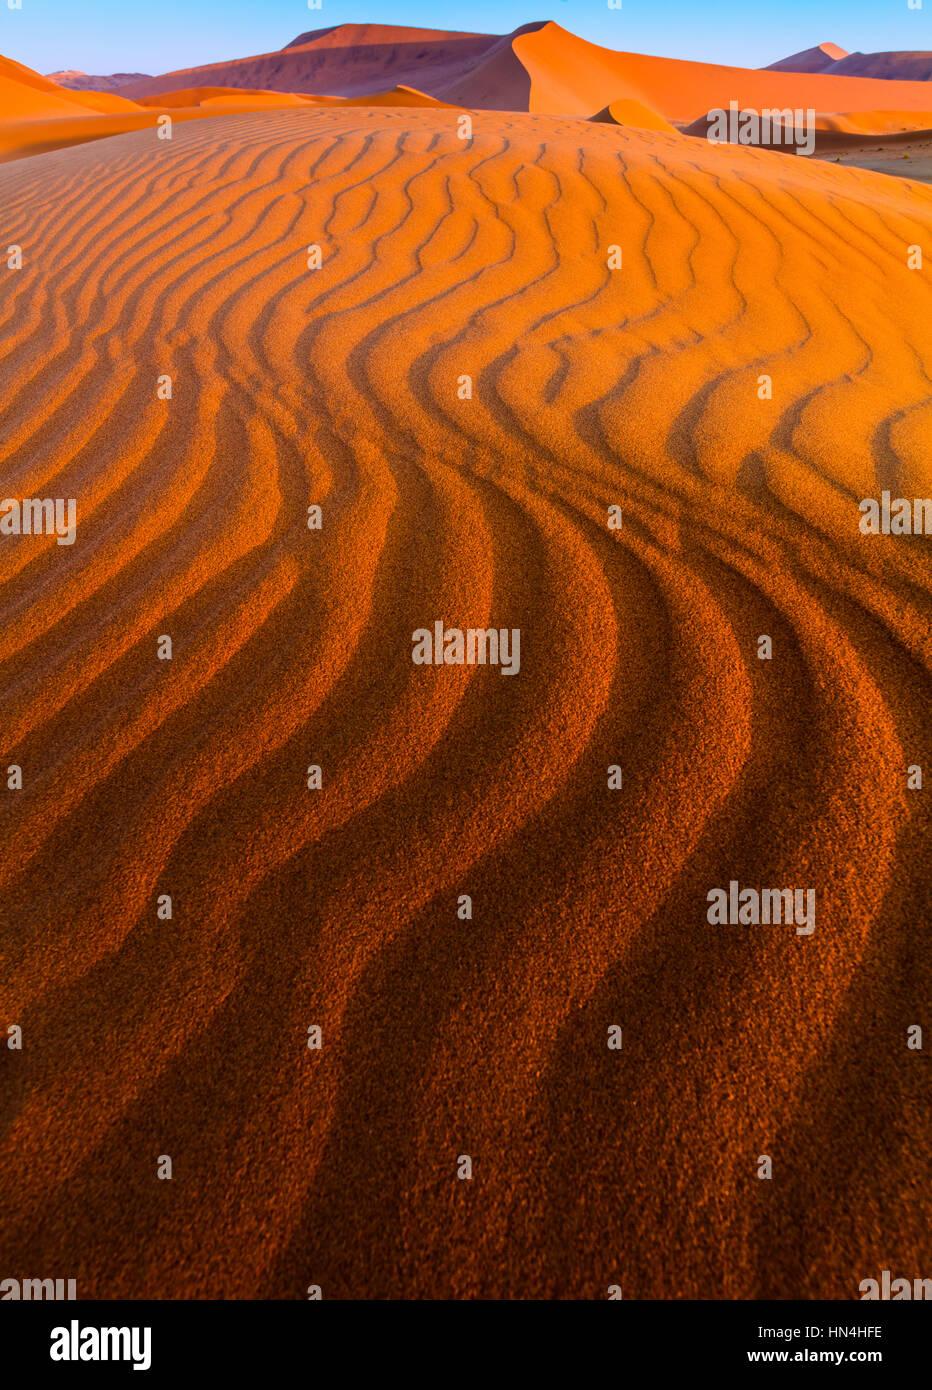 Sossusvlei es una sal y pan de arcilla roja rodeada de altas dunas, situado en la parte sur del desierto de Namib, Imagen De Stock